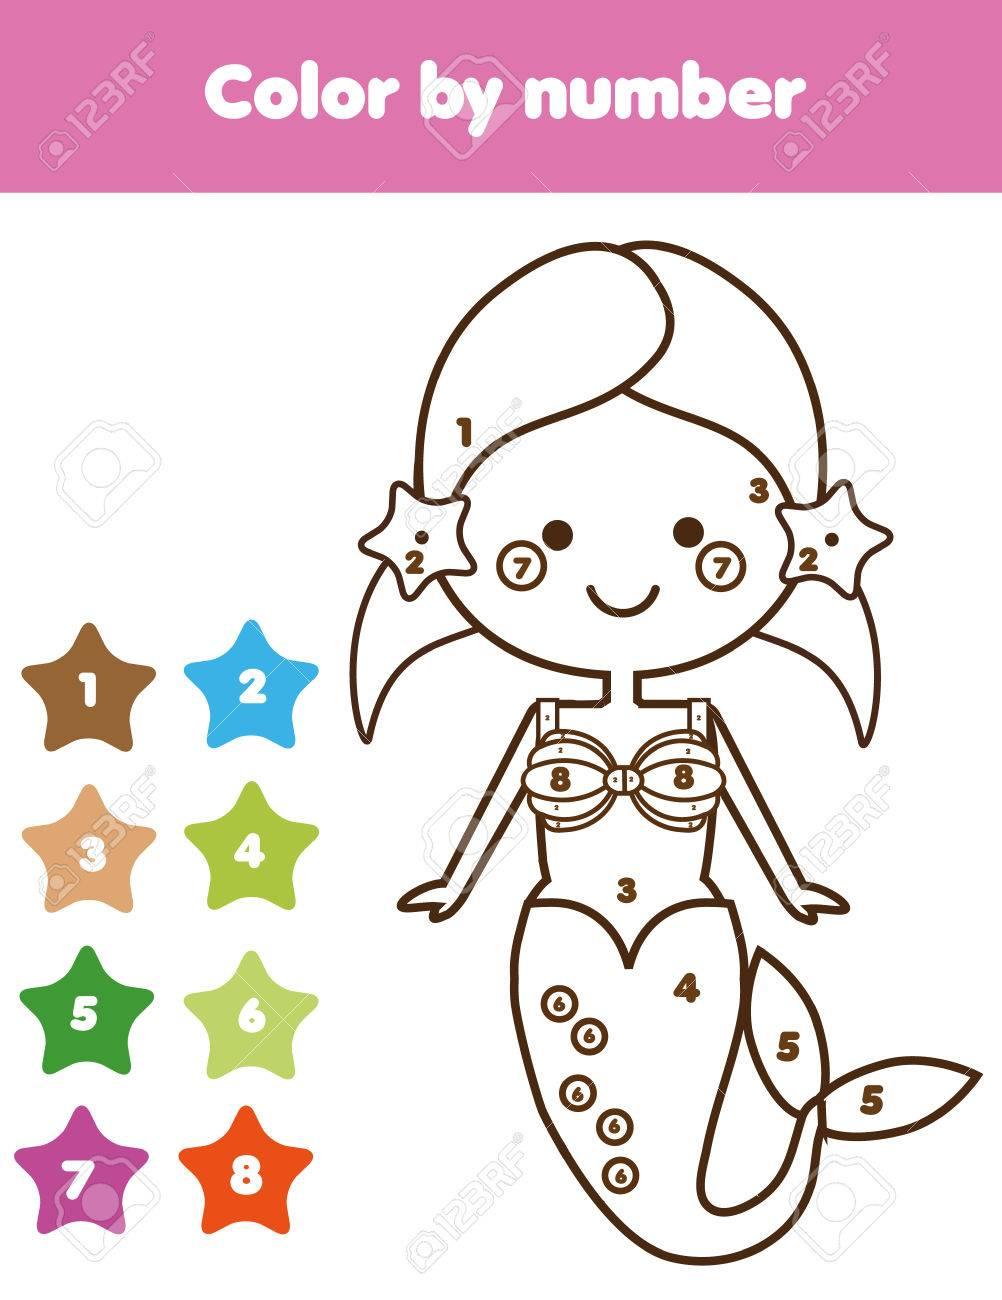 Juegos Educativos Para Ninos Dibujo Para Colorear Con Sirena Color